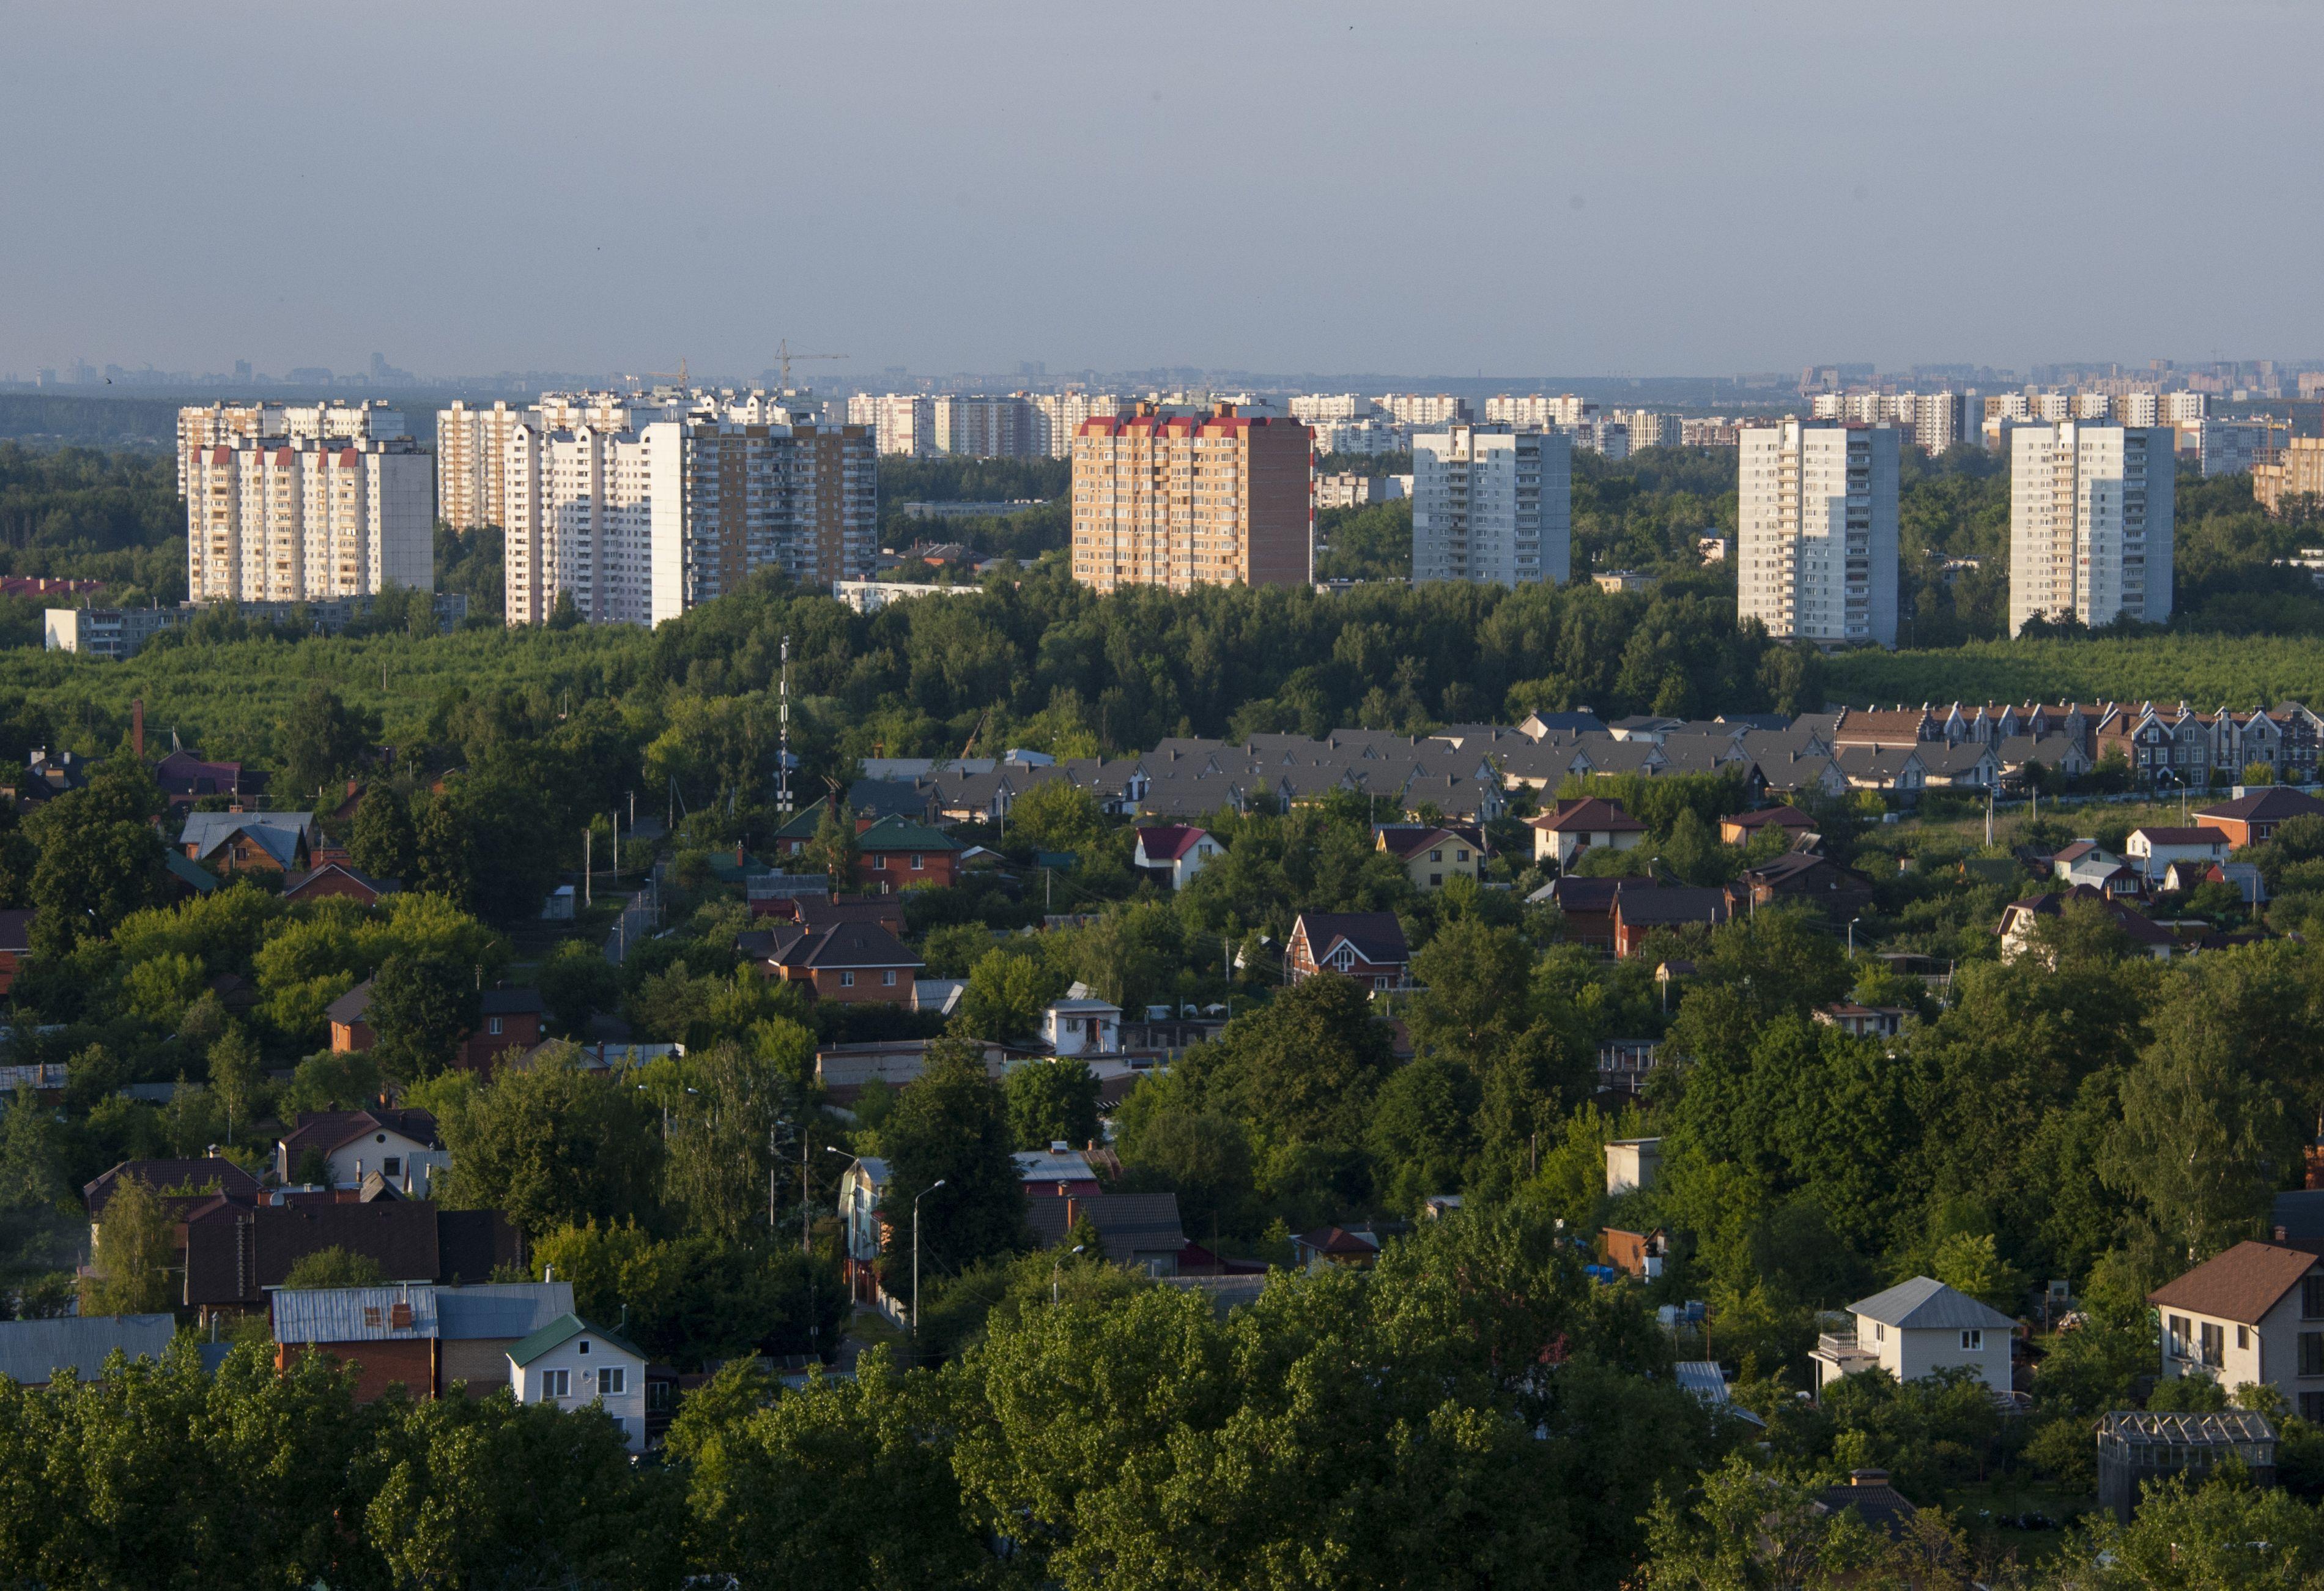 Китайская компания планирует построить недвижимость в Новой Москве